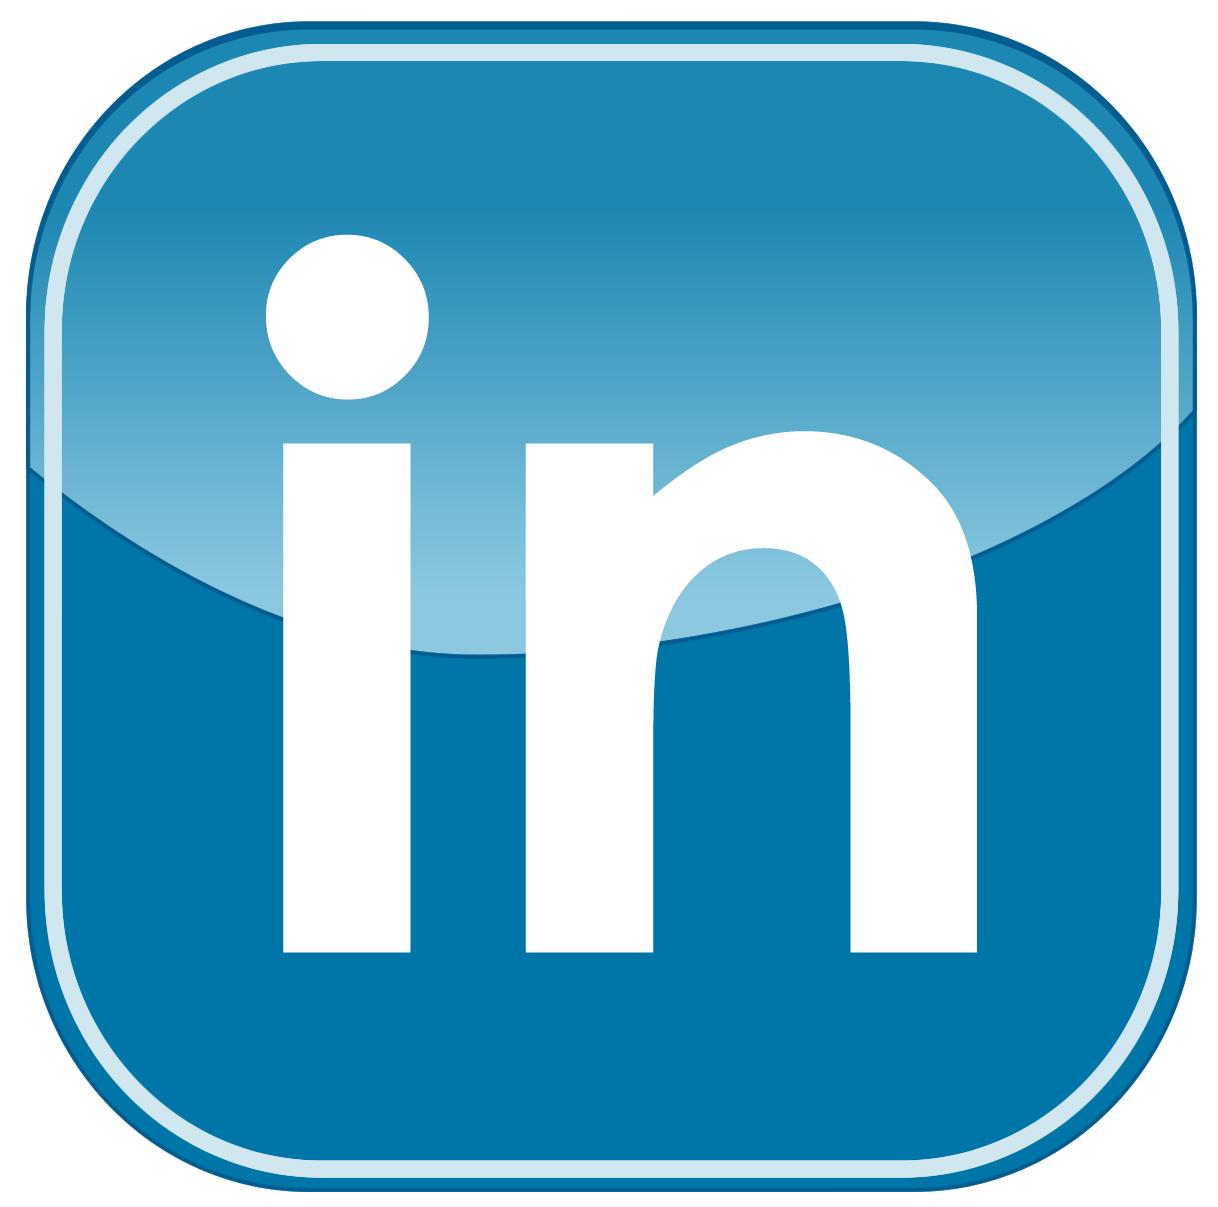 linkedin-logo-hd-png-3